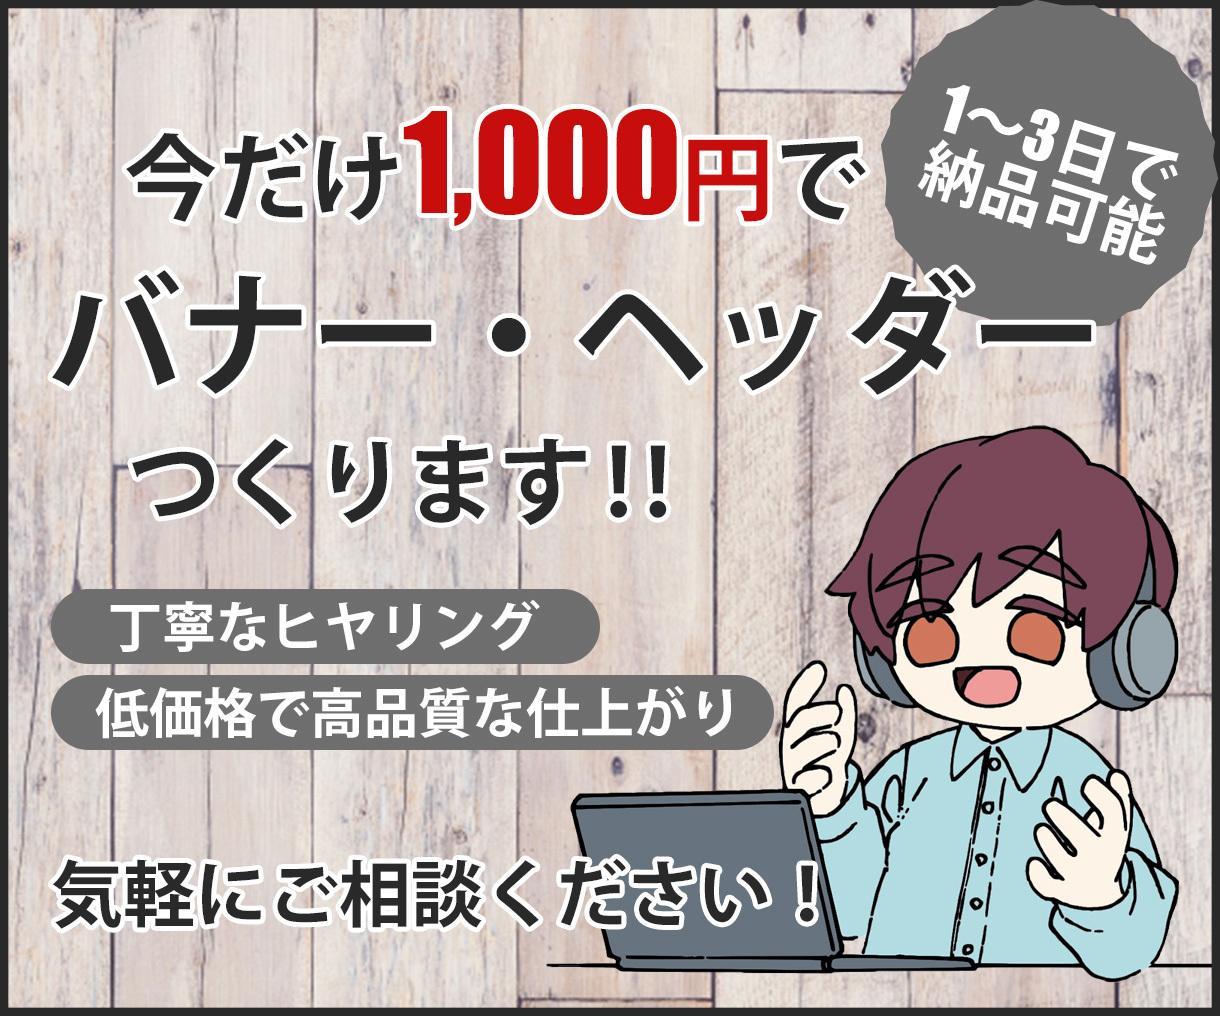 ご希望に合わせたバナー・ヘッダーを作成します 新規出品 1枚1,000円でバナー・ヘッダーを作成します! イメージ1